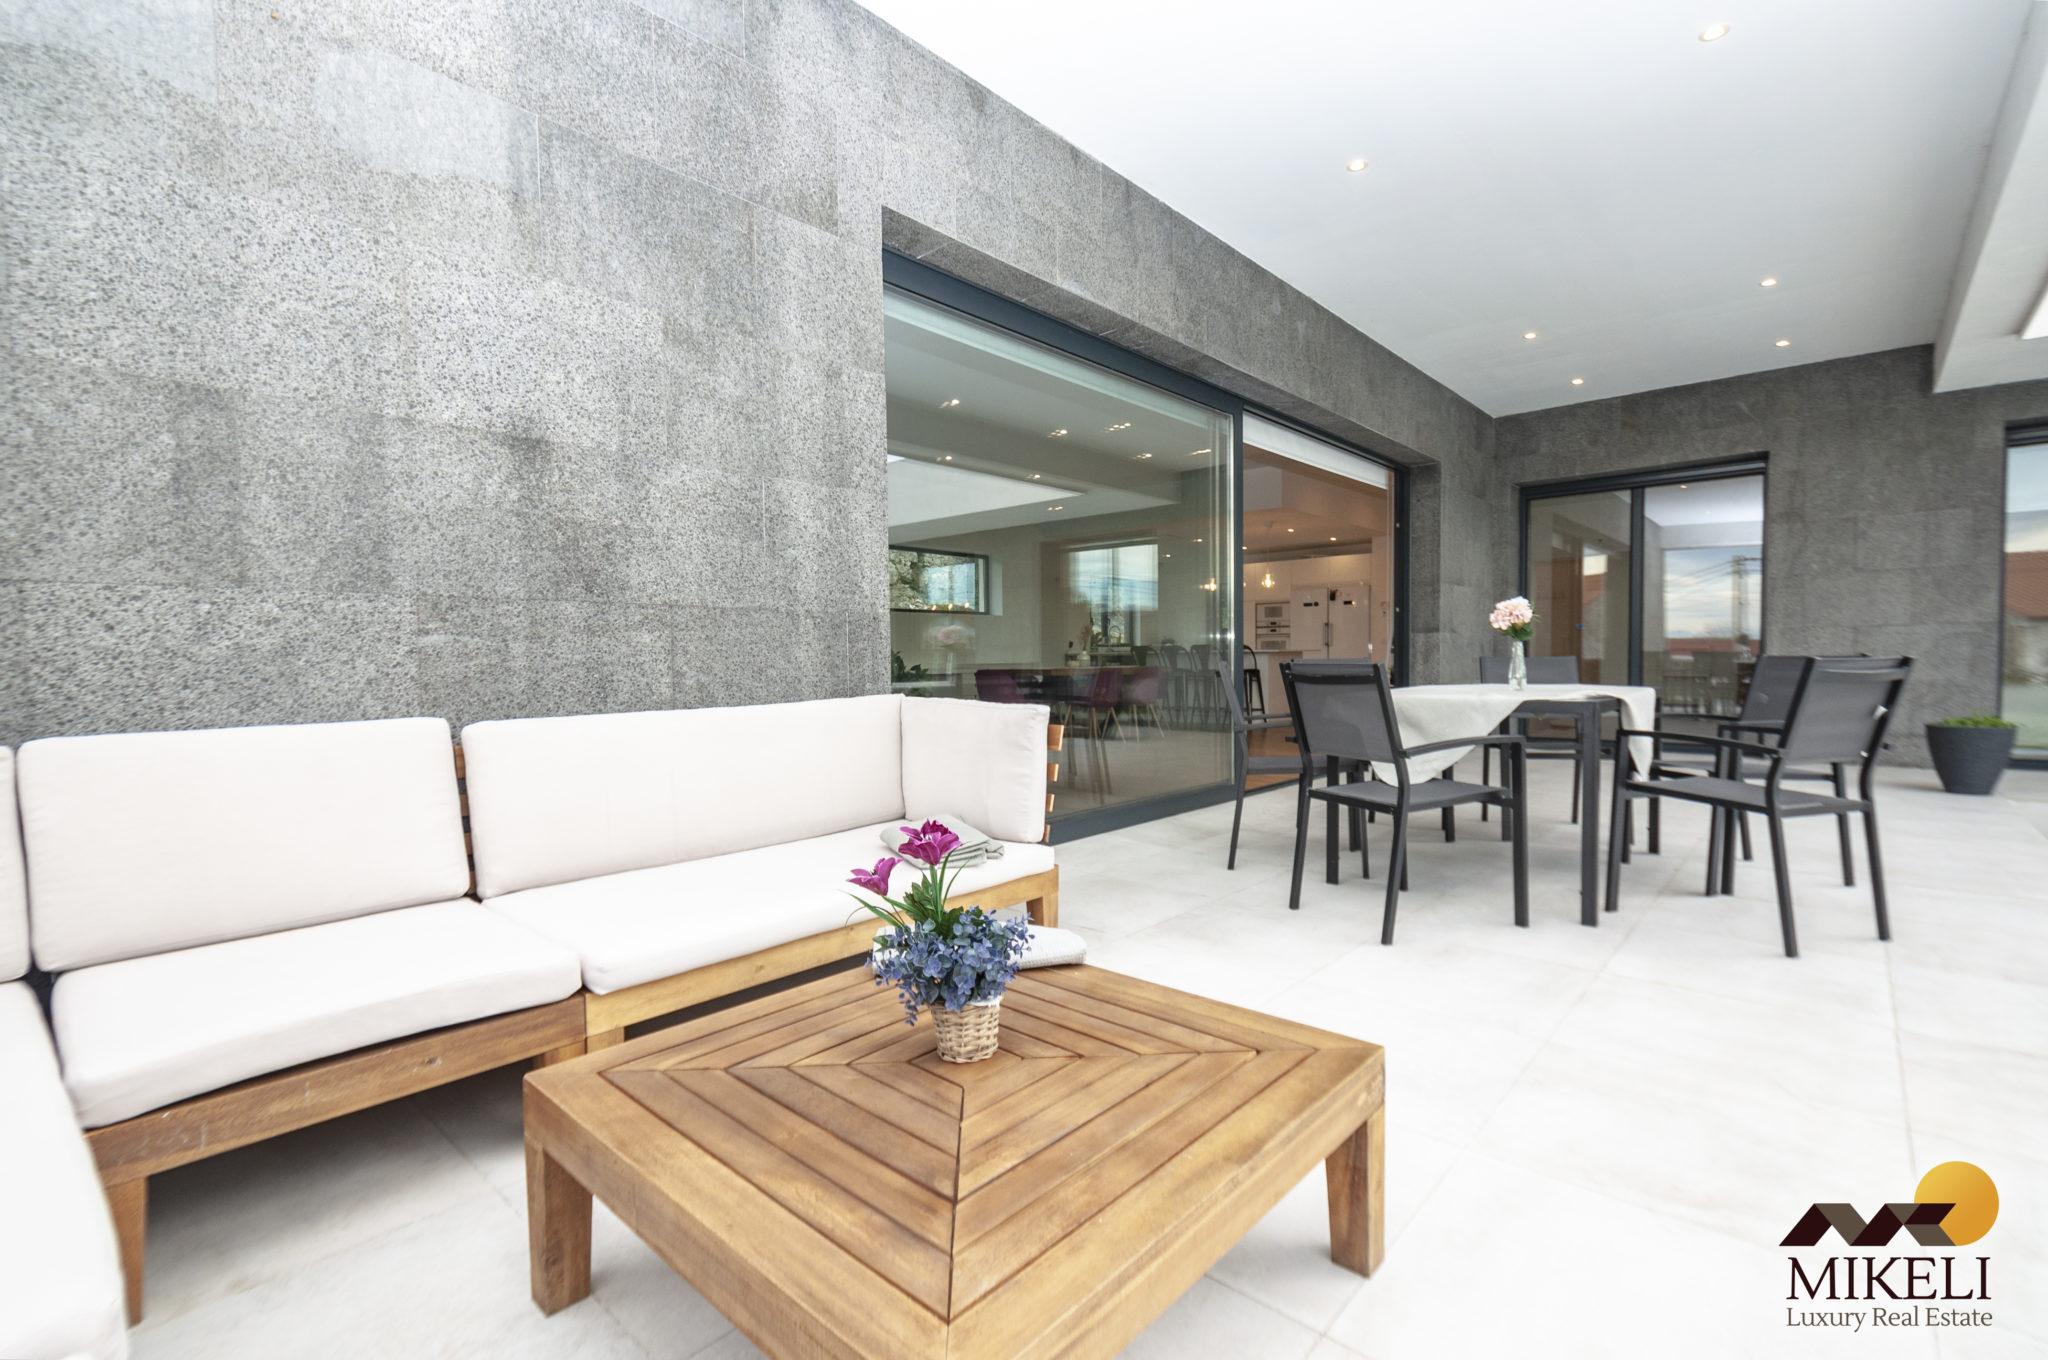 Casa de diseño en venta en Santander - Blog - Inmobiliaria ...